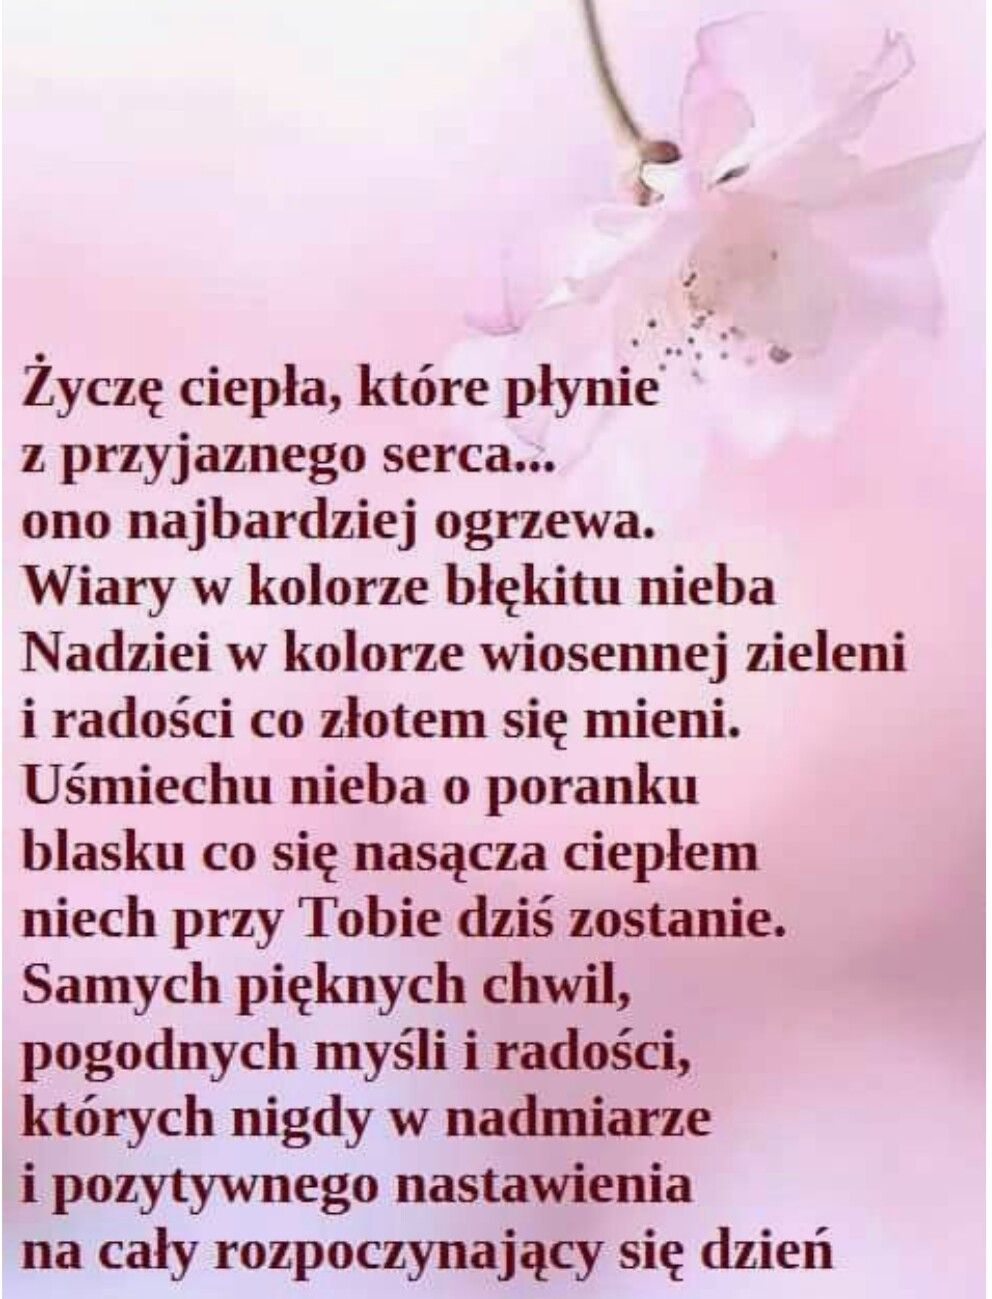 Pin By Ewa Pietrzak On Zyczenia With Images Cytaty Urodzinowe